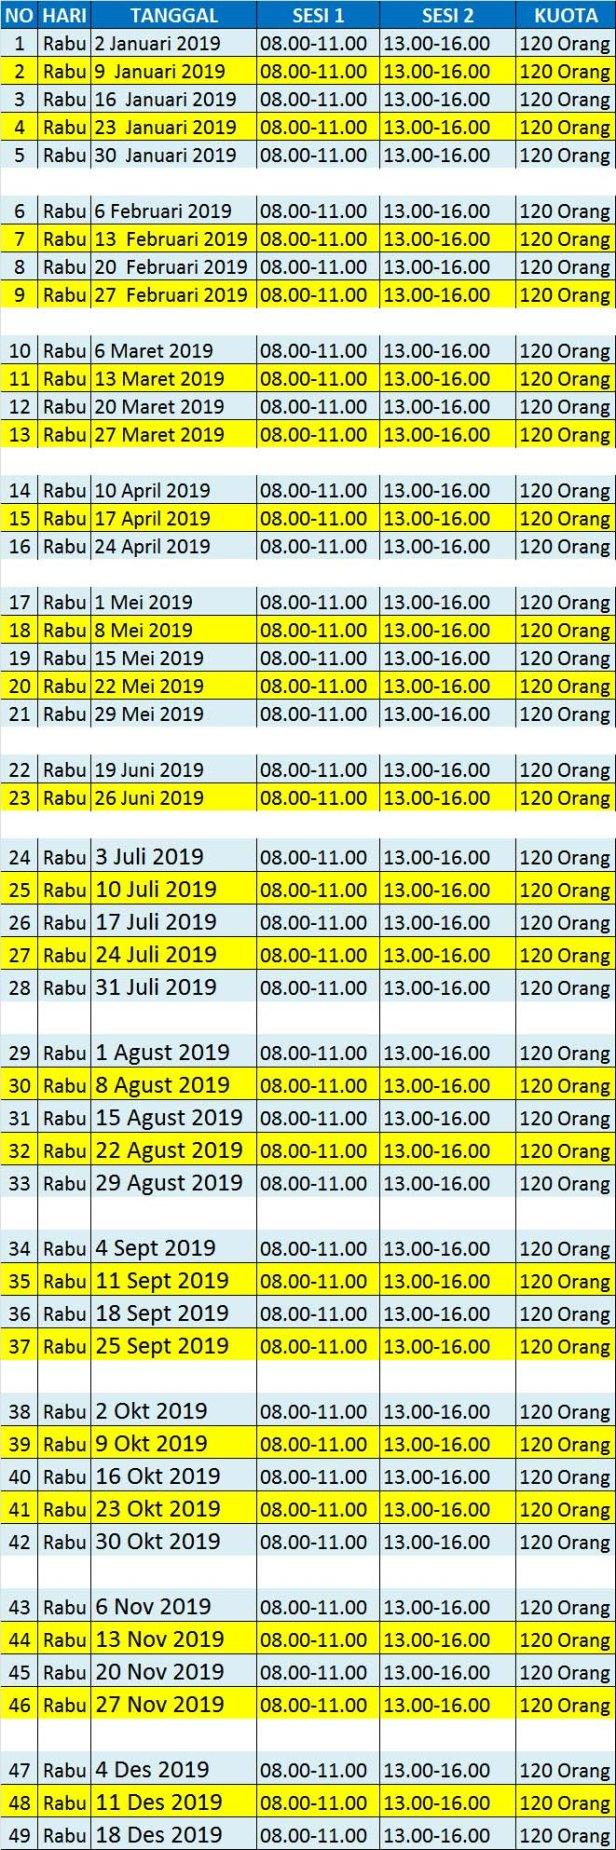 Jadwal tes acept ugm 2019 lengkap